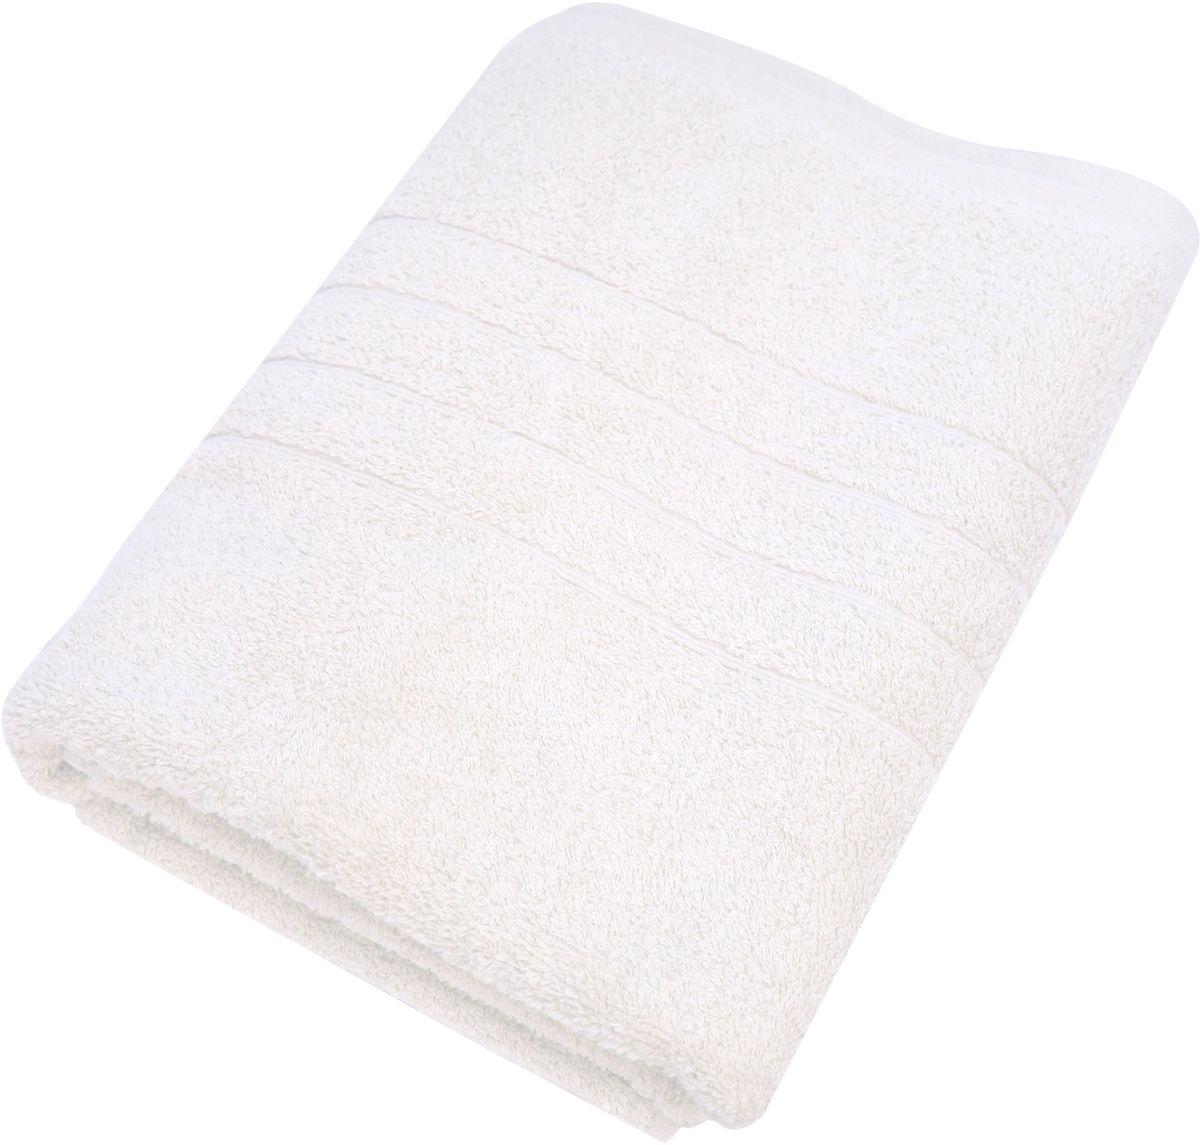 Полотенце Proffi Home Модерн, цвет: белый, 70x140 смPH3272Состав: 100% хлопок.